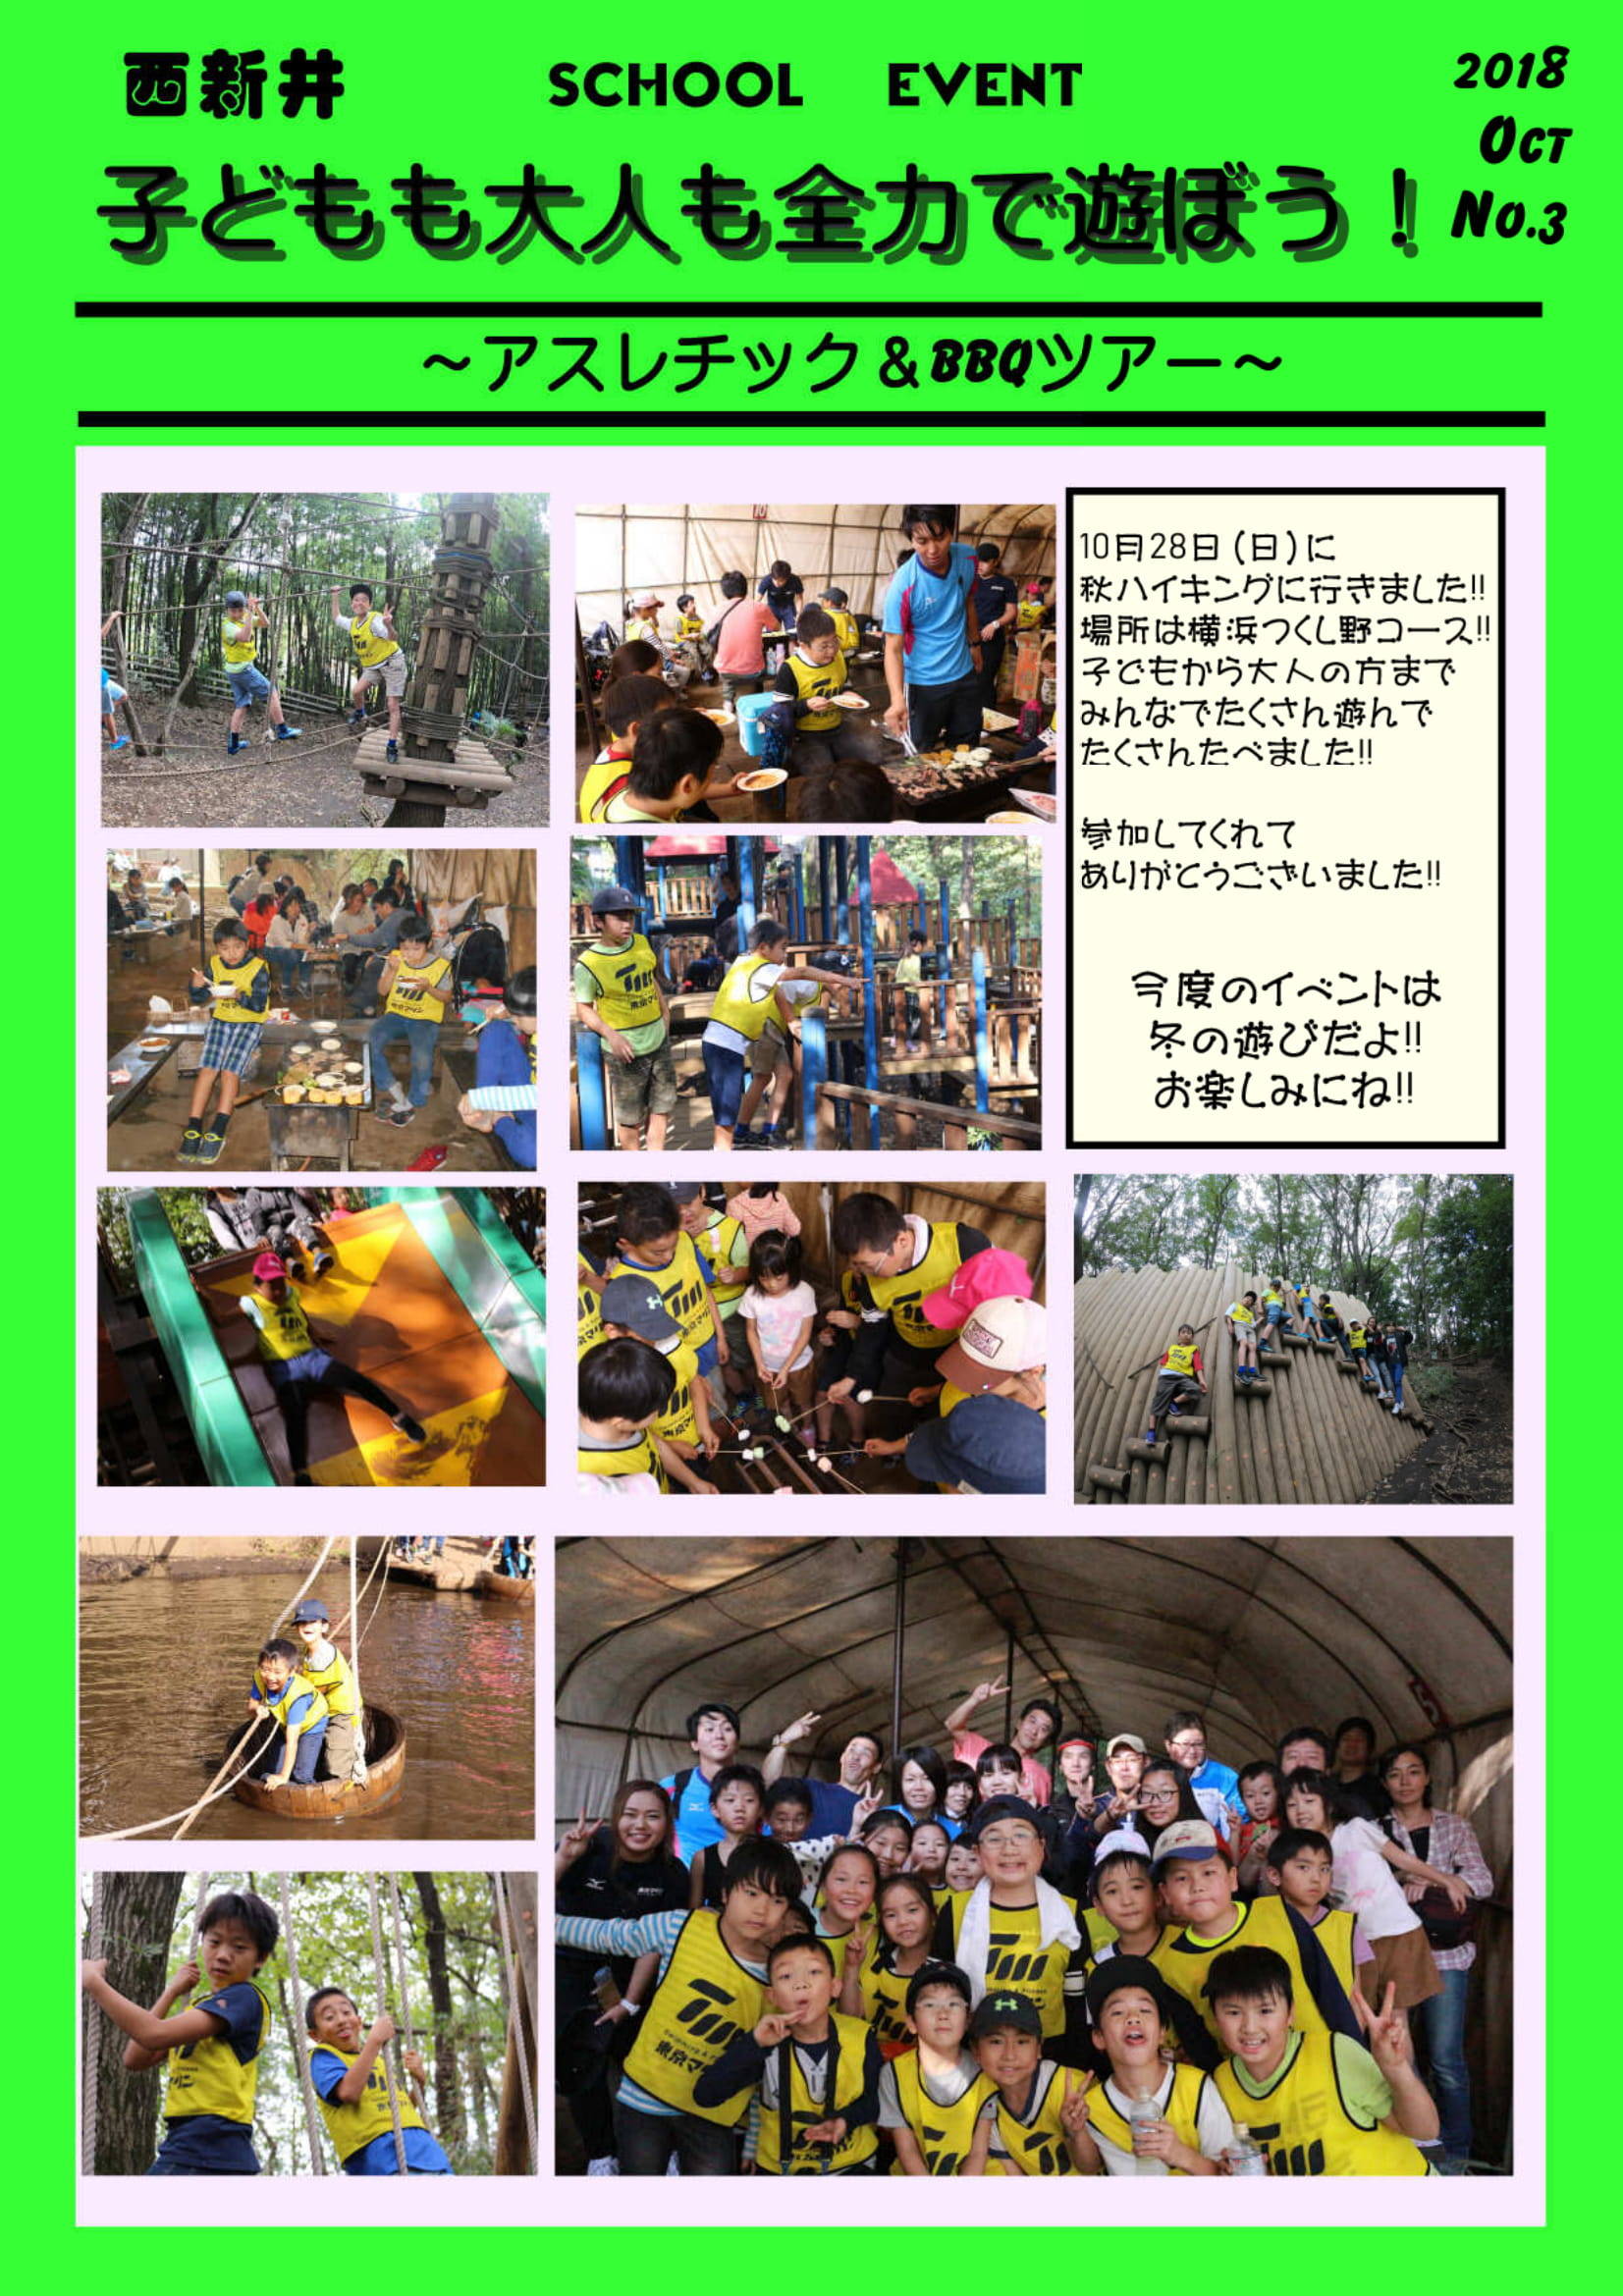 西新井スイミング 「BBQ & アスレチックツアー」に行ってきました!